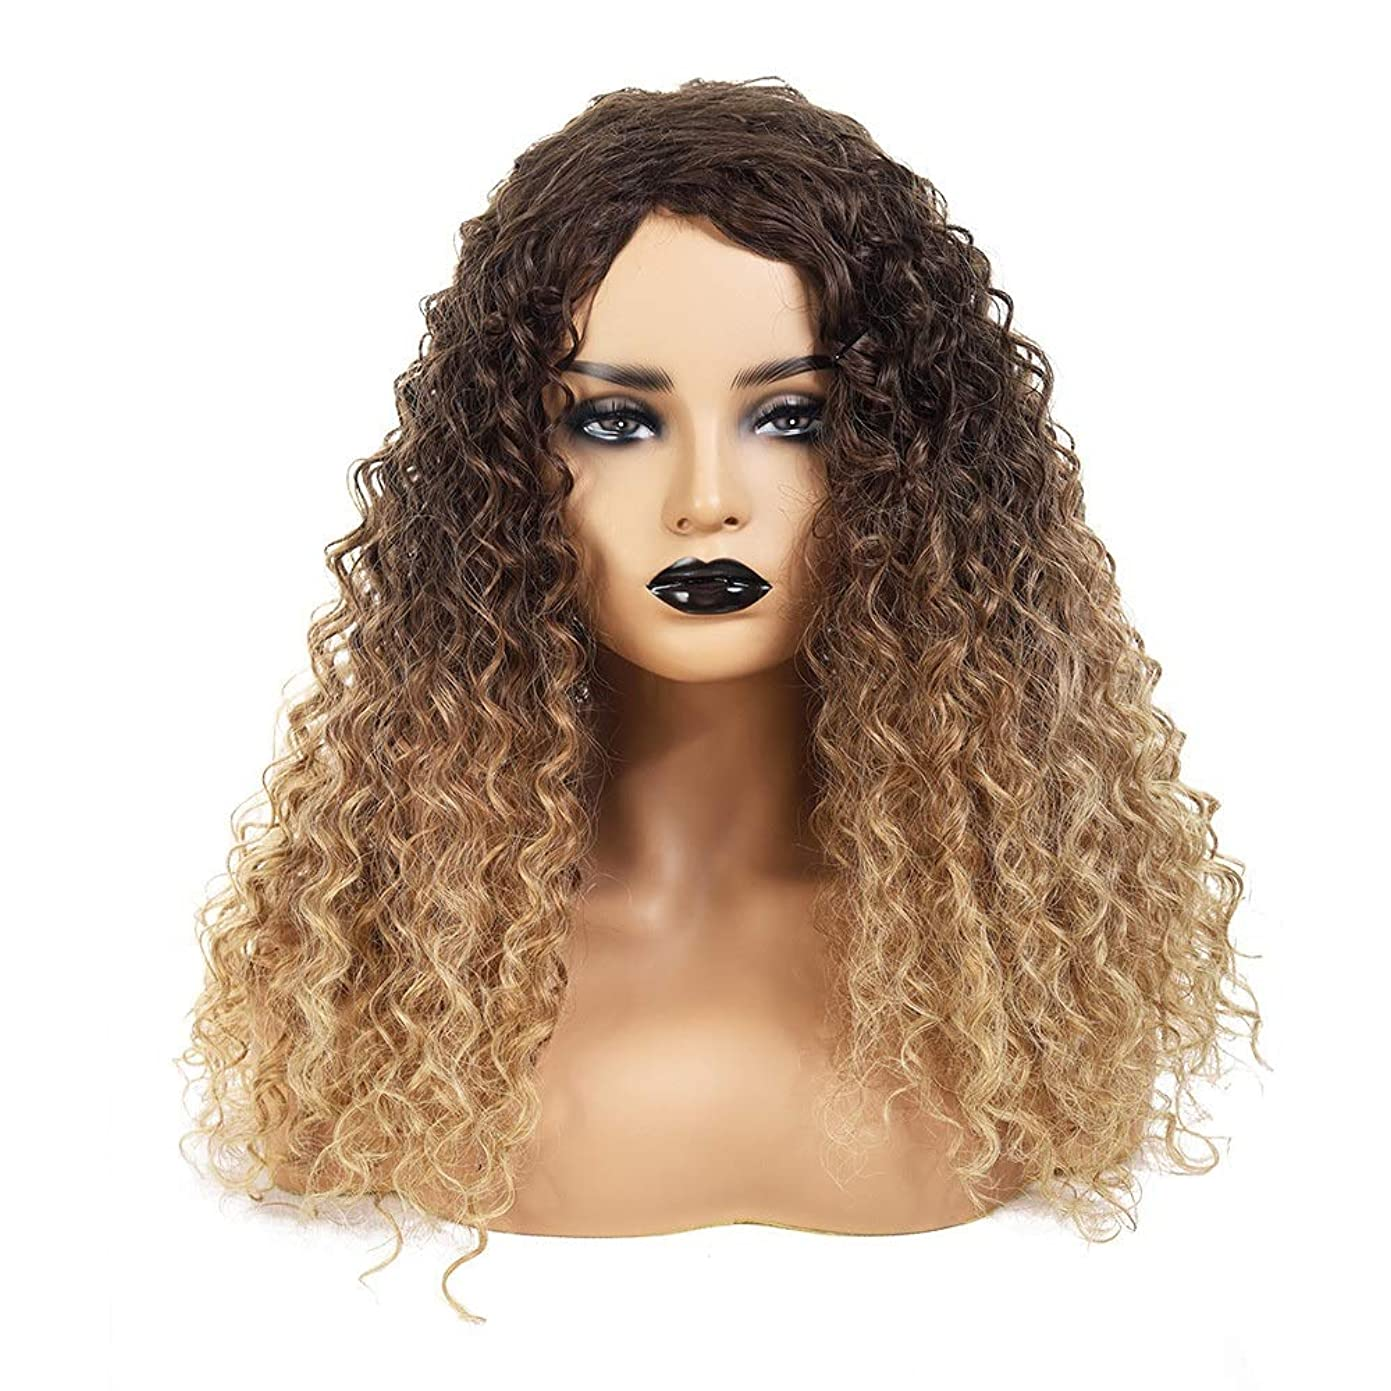 立証するセーター瞬時にBOBIDYEE 18インチアフロカーリーヘアブラウンルーツグラデーションブロンドの抵抗力のある髪の人工毛ウィッグウィッグ (色 : Blonde)